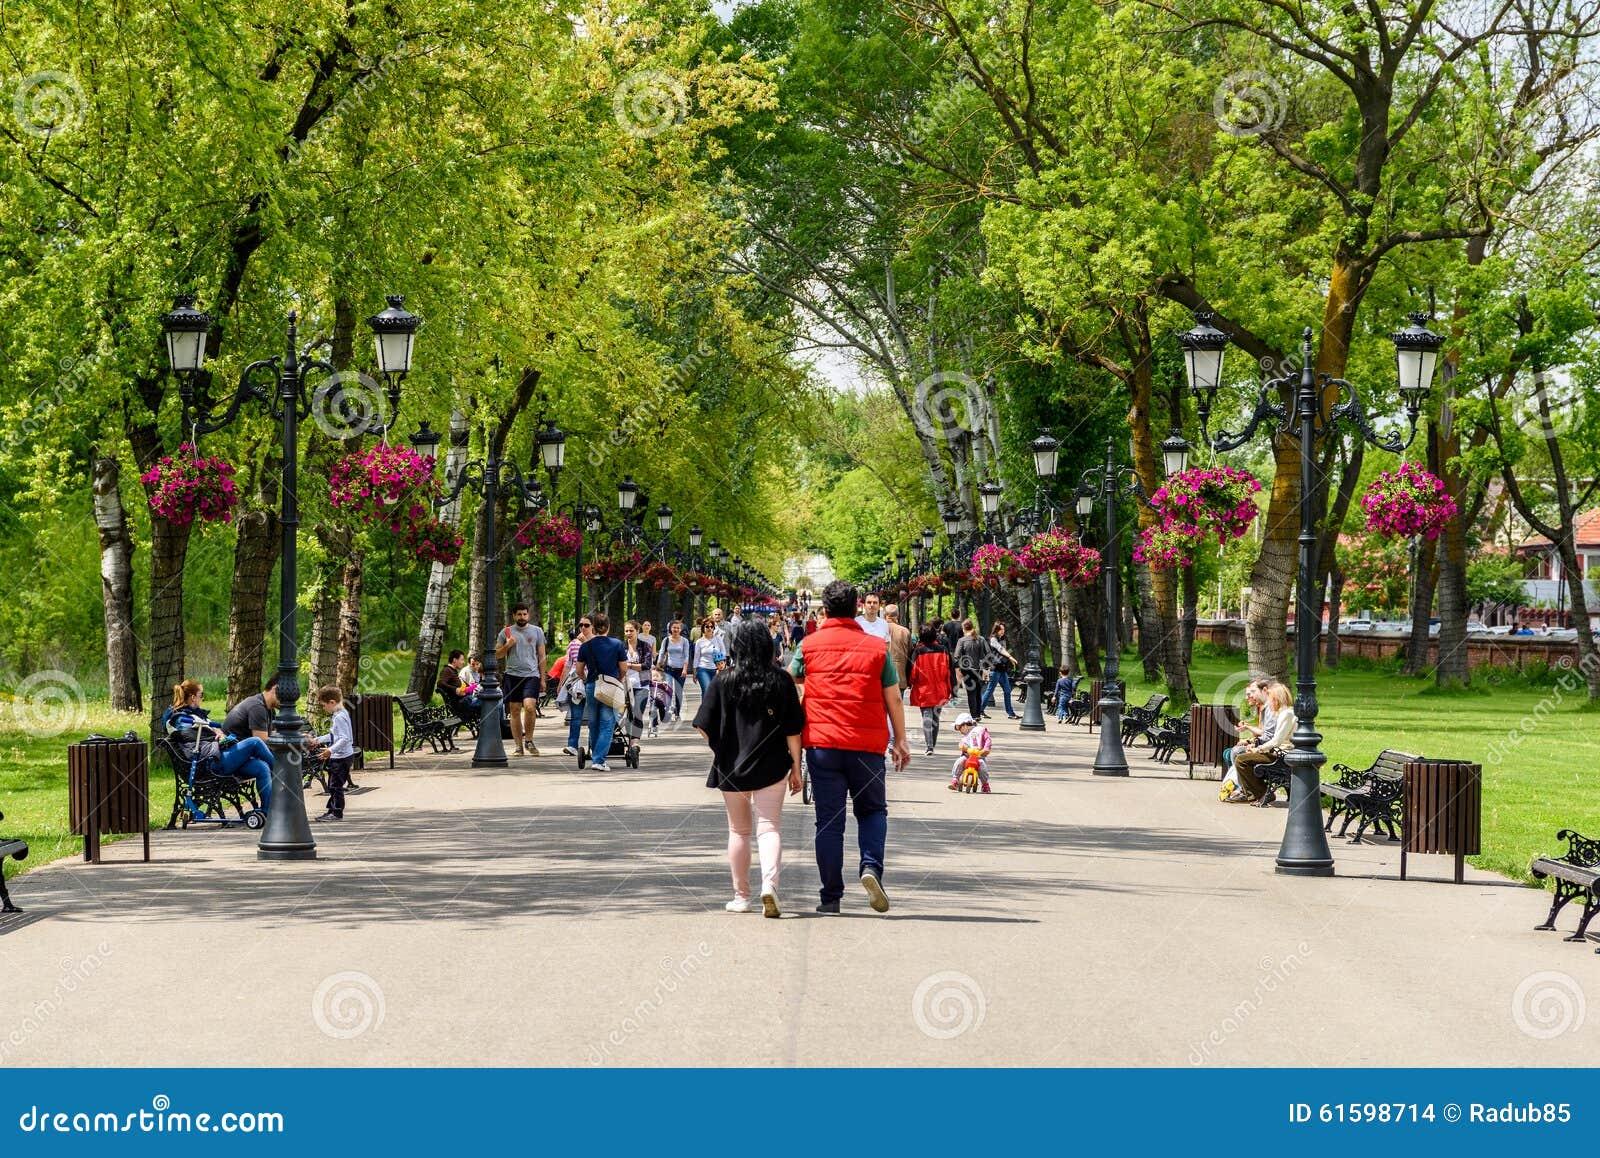 Mensen die een gang in park op de zomerdag nemen redactionele stock afbeelding afbeelding - Een gang ...